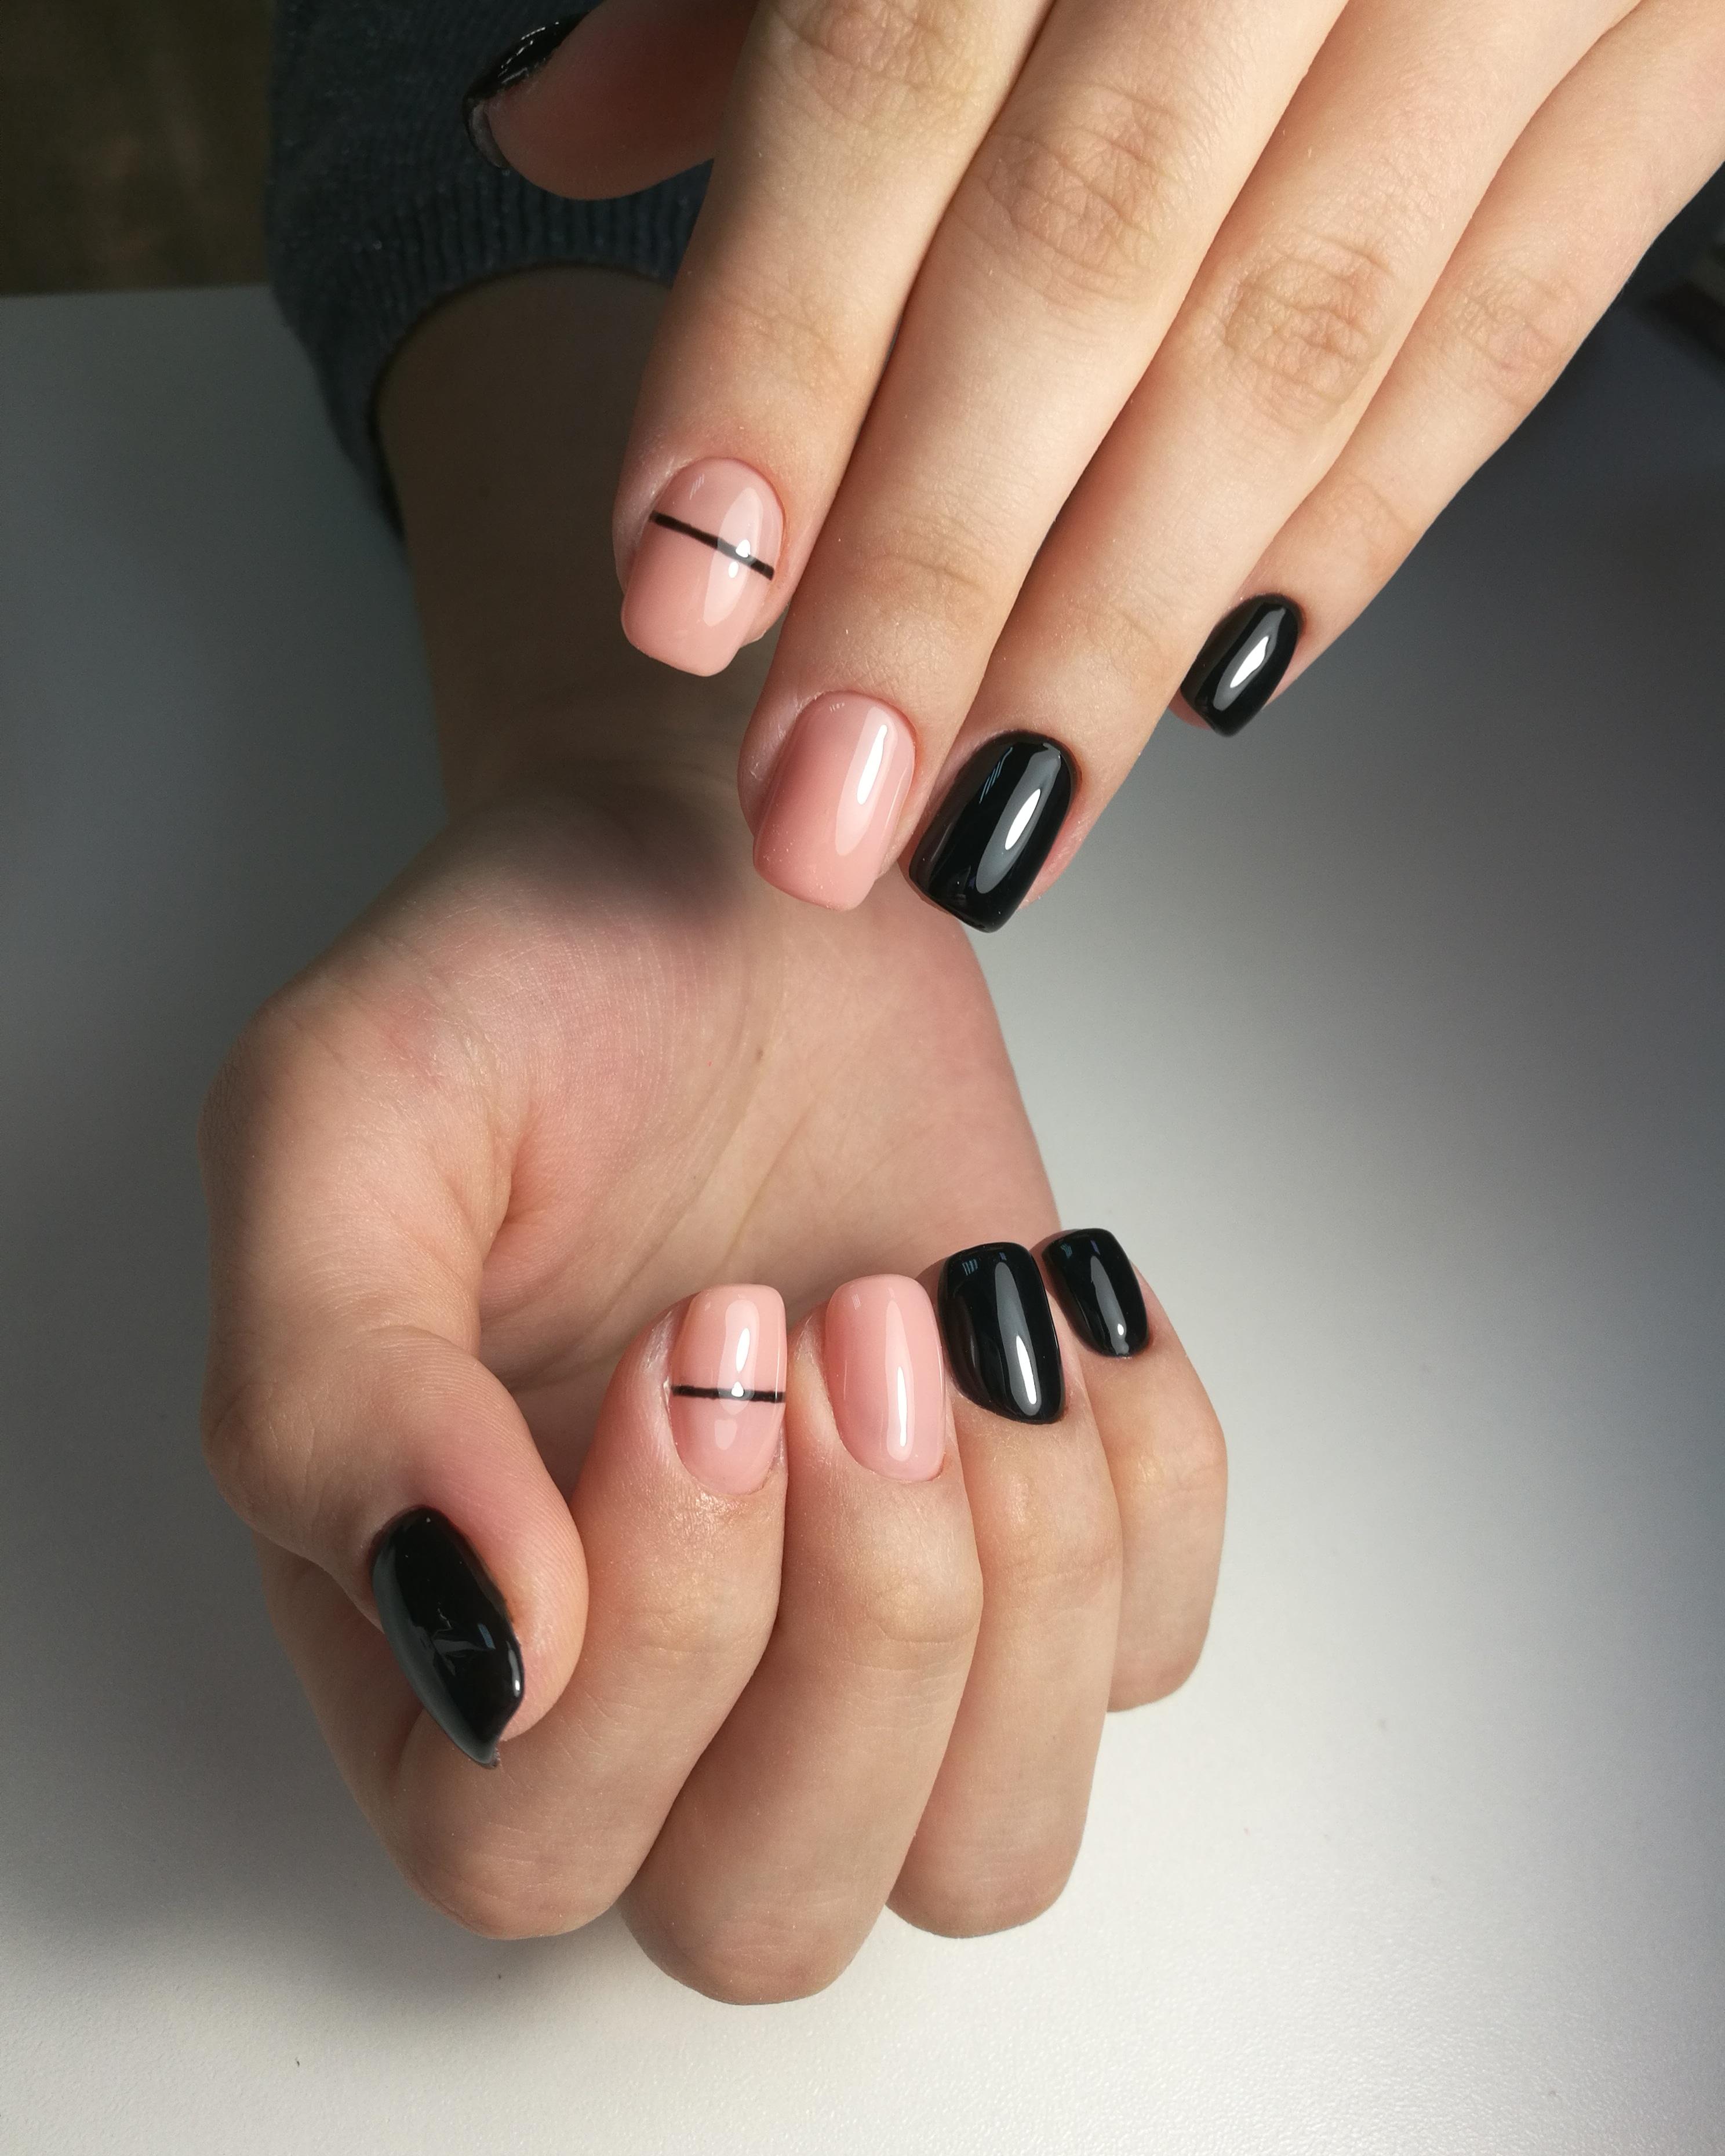 Маникюр в чёрном цвете с нюдовым дизайном и чёрными полосками.